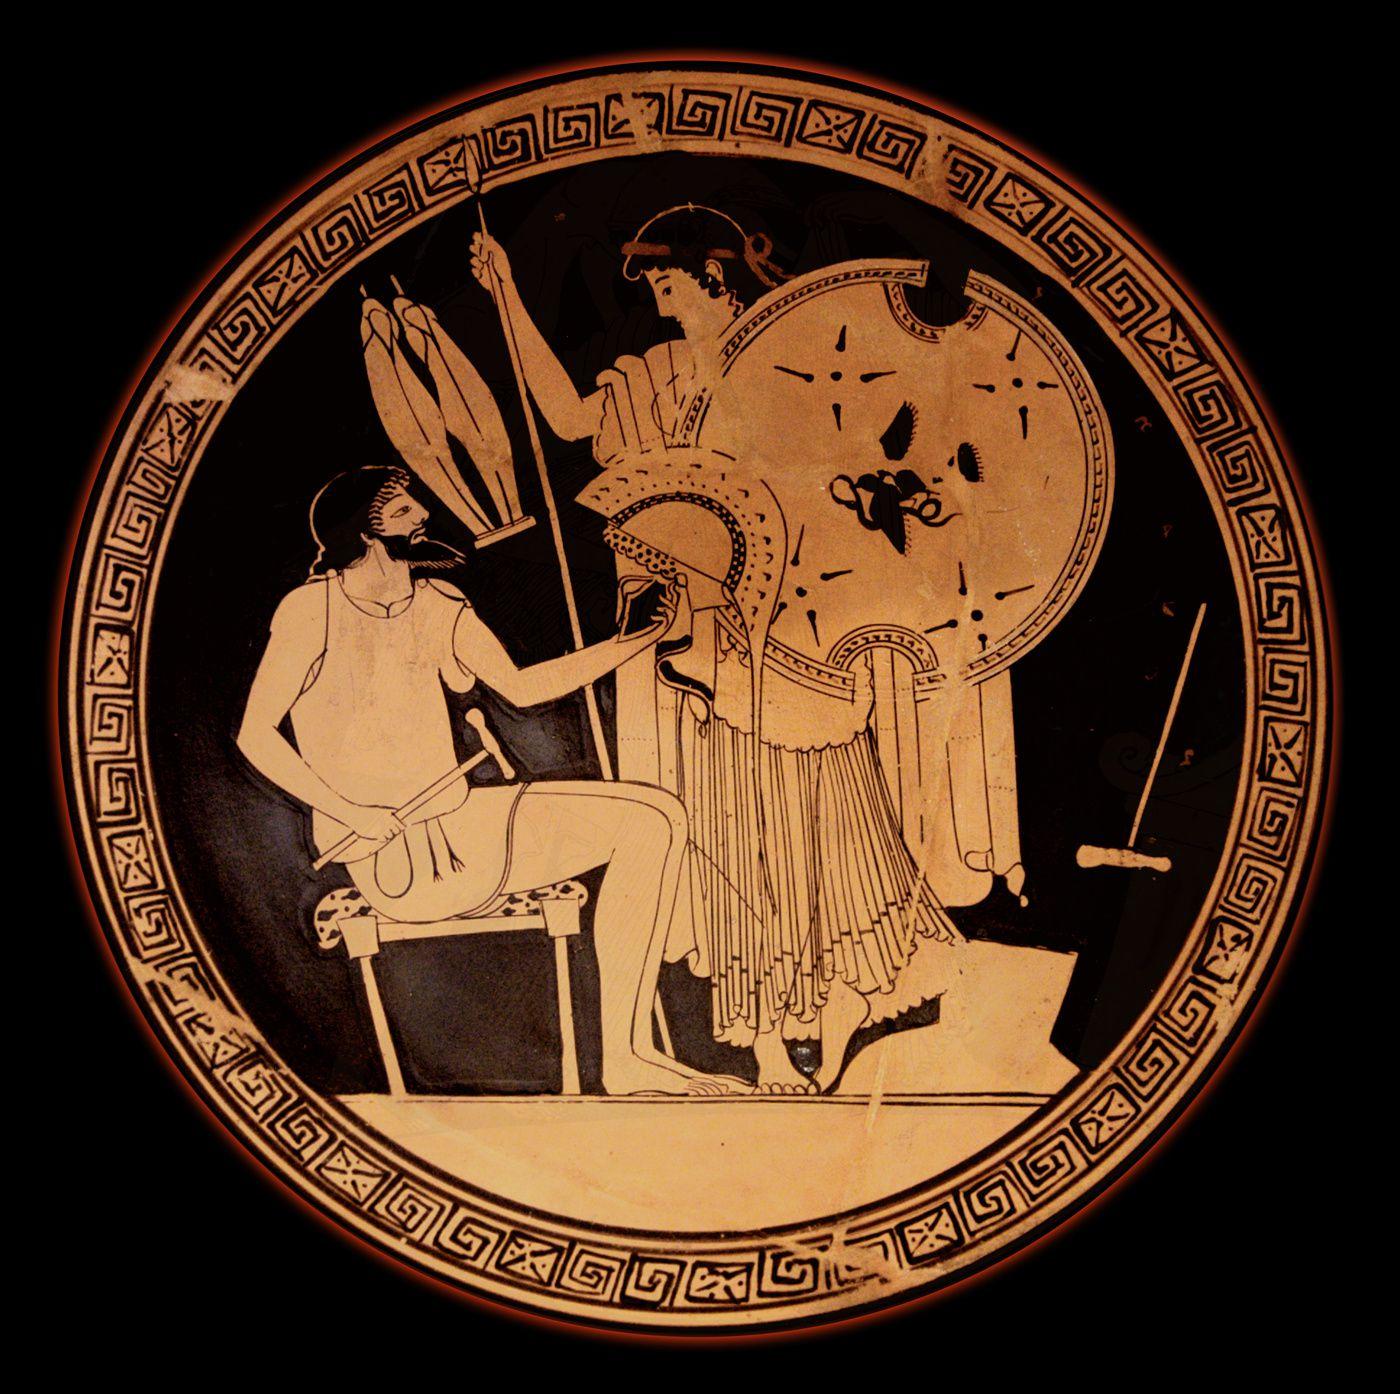 Héphaïstos remet à Thétis les armes qu'il vient de forger pour Achille - (Illiade) - Cratère à figures rouges Ve siècle av. J.C.